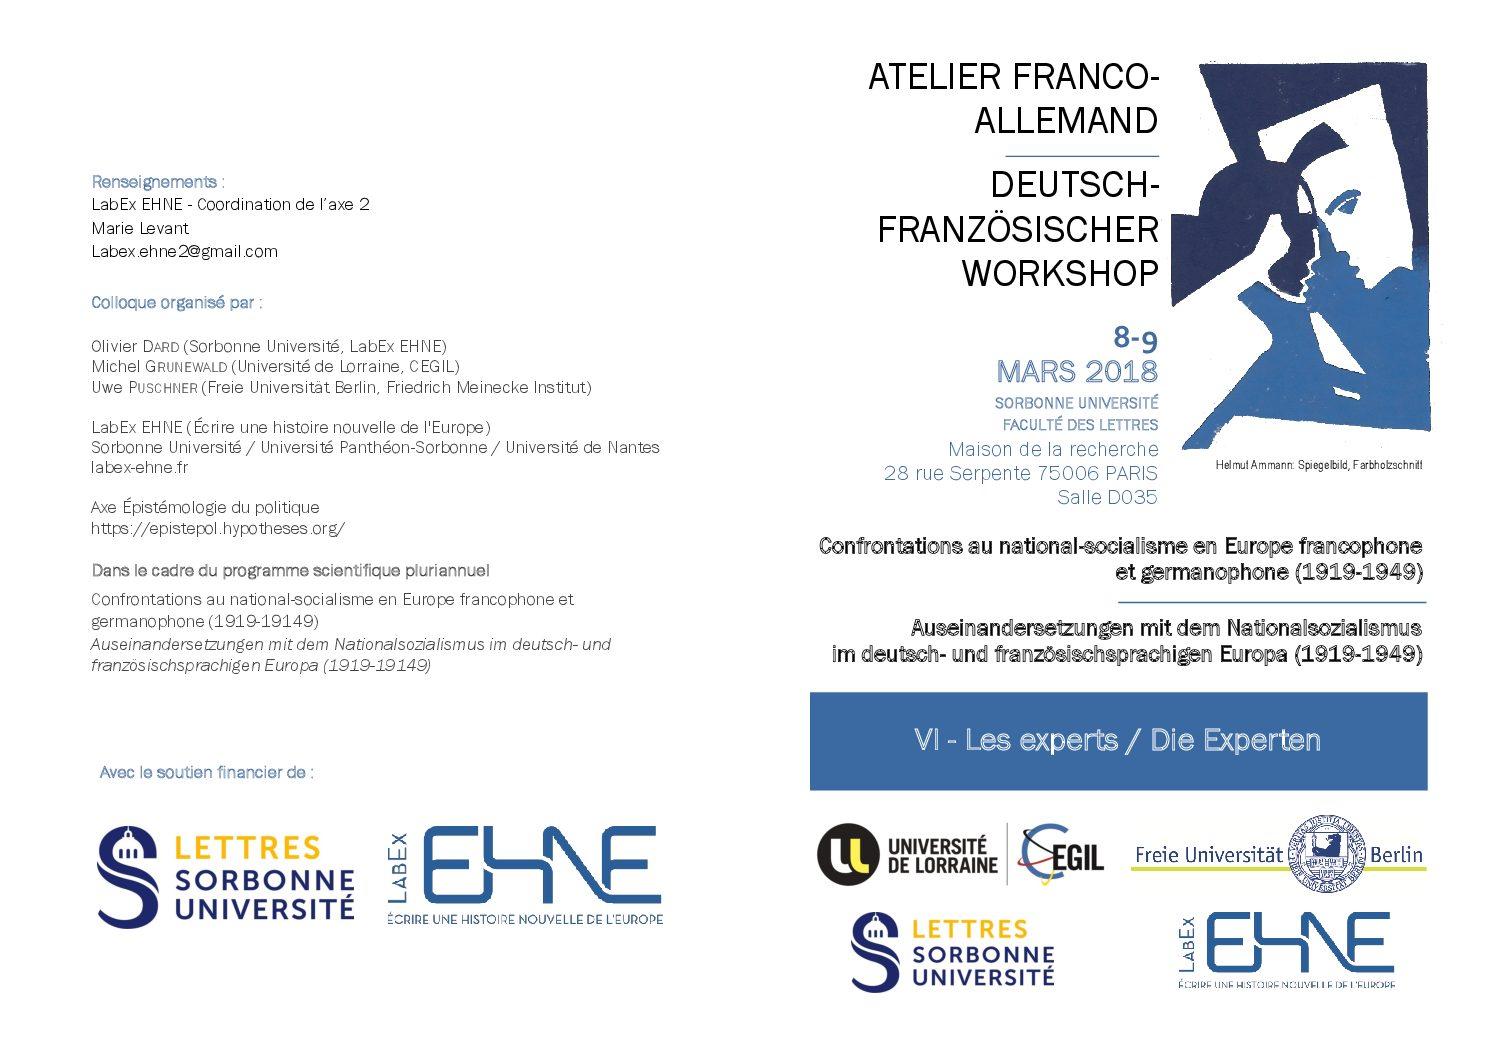 Atelier franco-allemand / Deutsch-Französischer Workshop